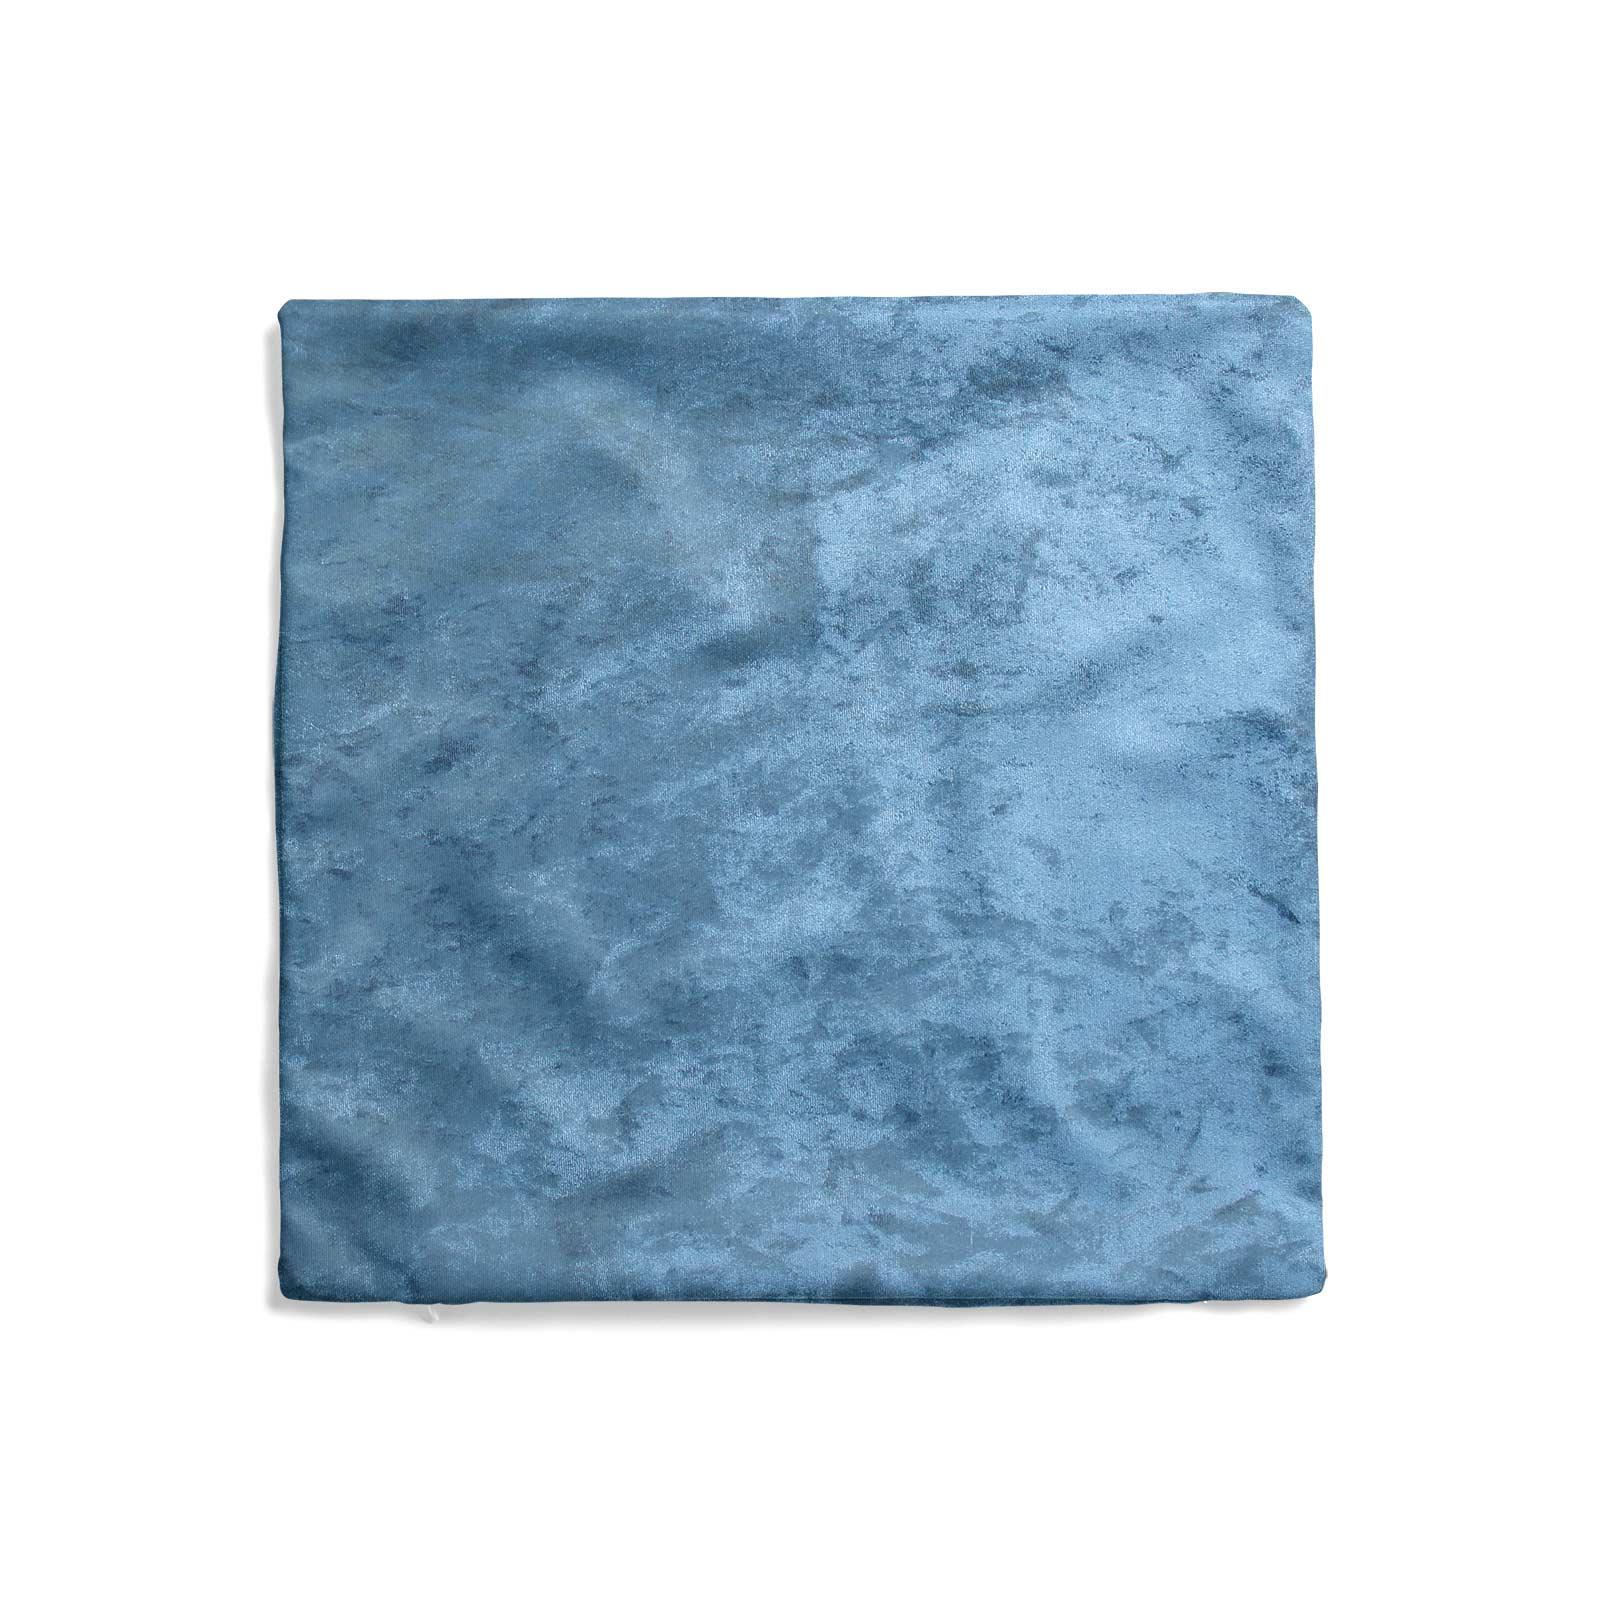 Cuscino-di-velluto-schiacciato-copre-GLAM-Tinta-Unita-Copricuscino-18-034-x-18-034-45cm-x-45cm miniatura 16